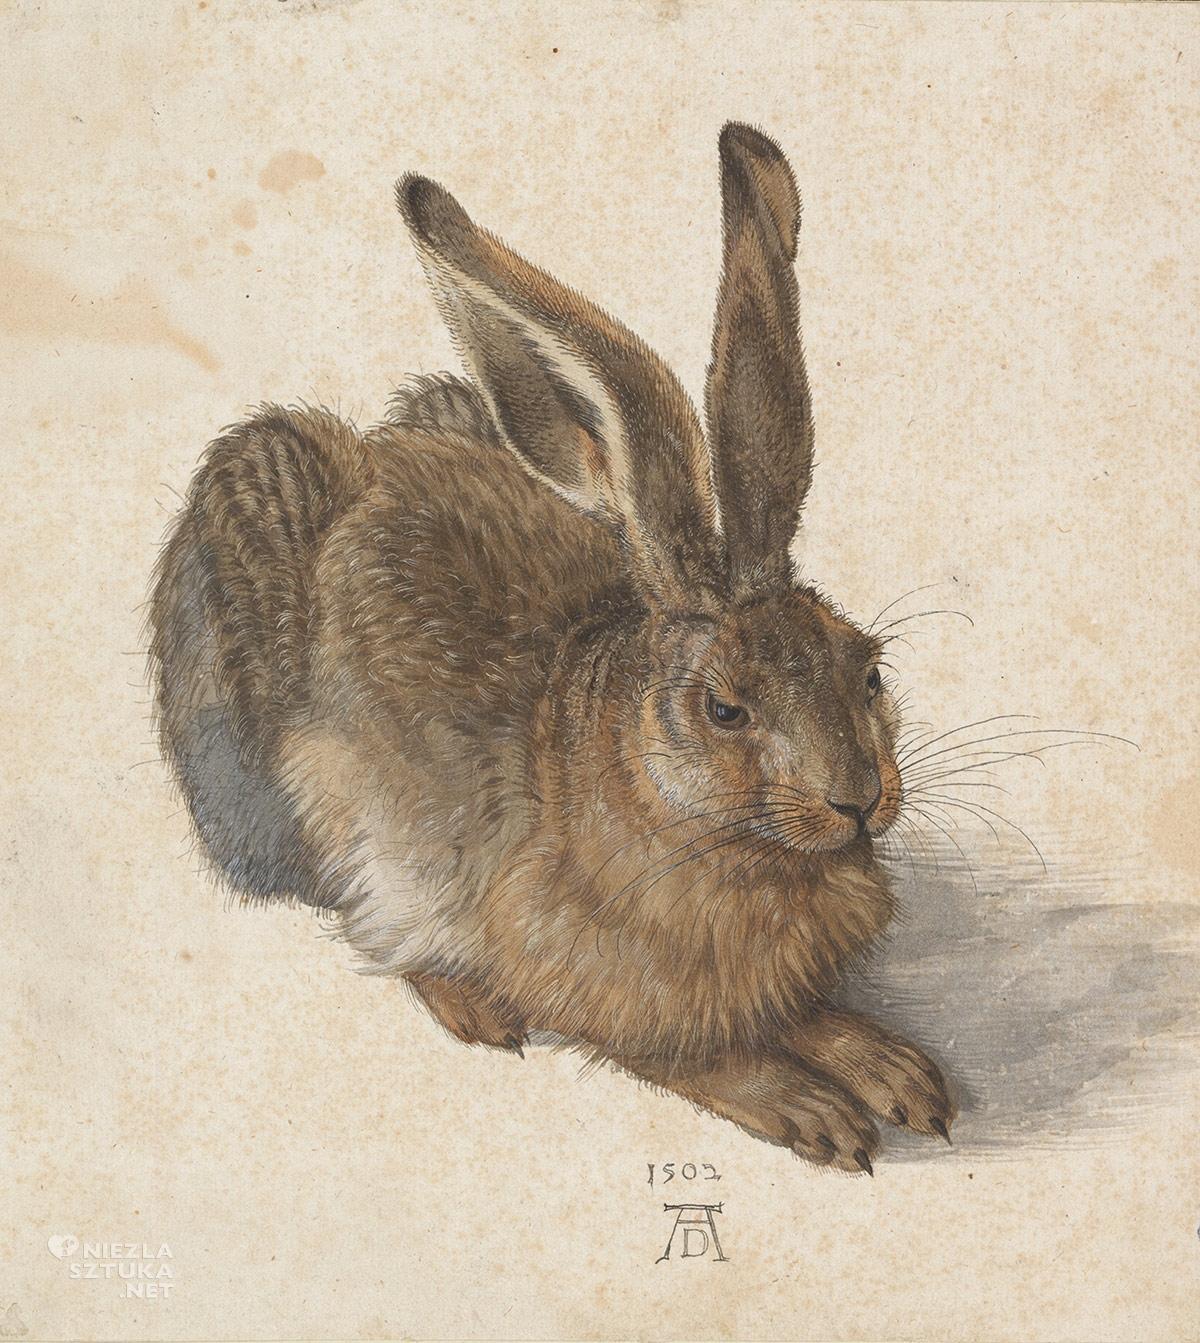 Albrecht Durer, Młody zając, Niezła sztuka